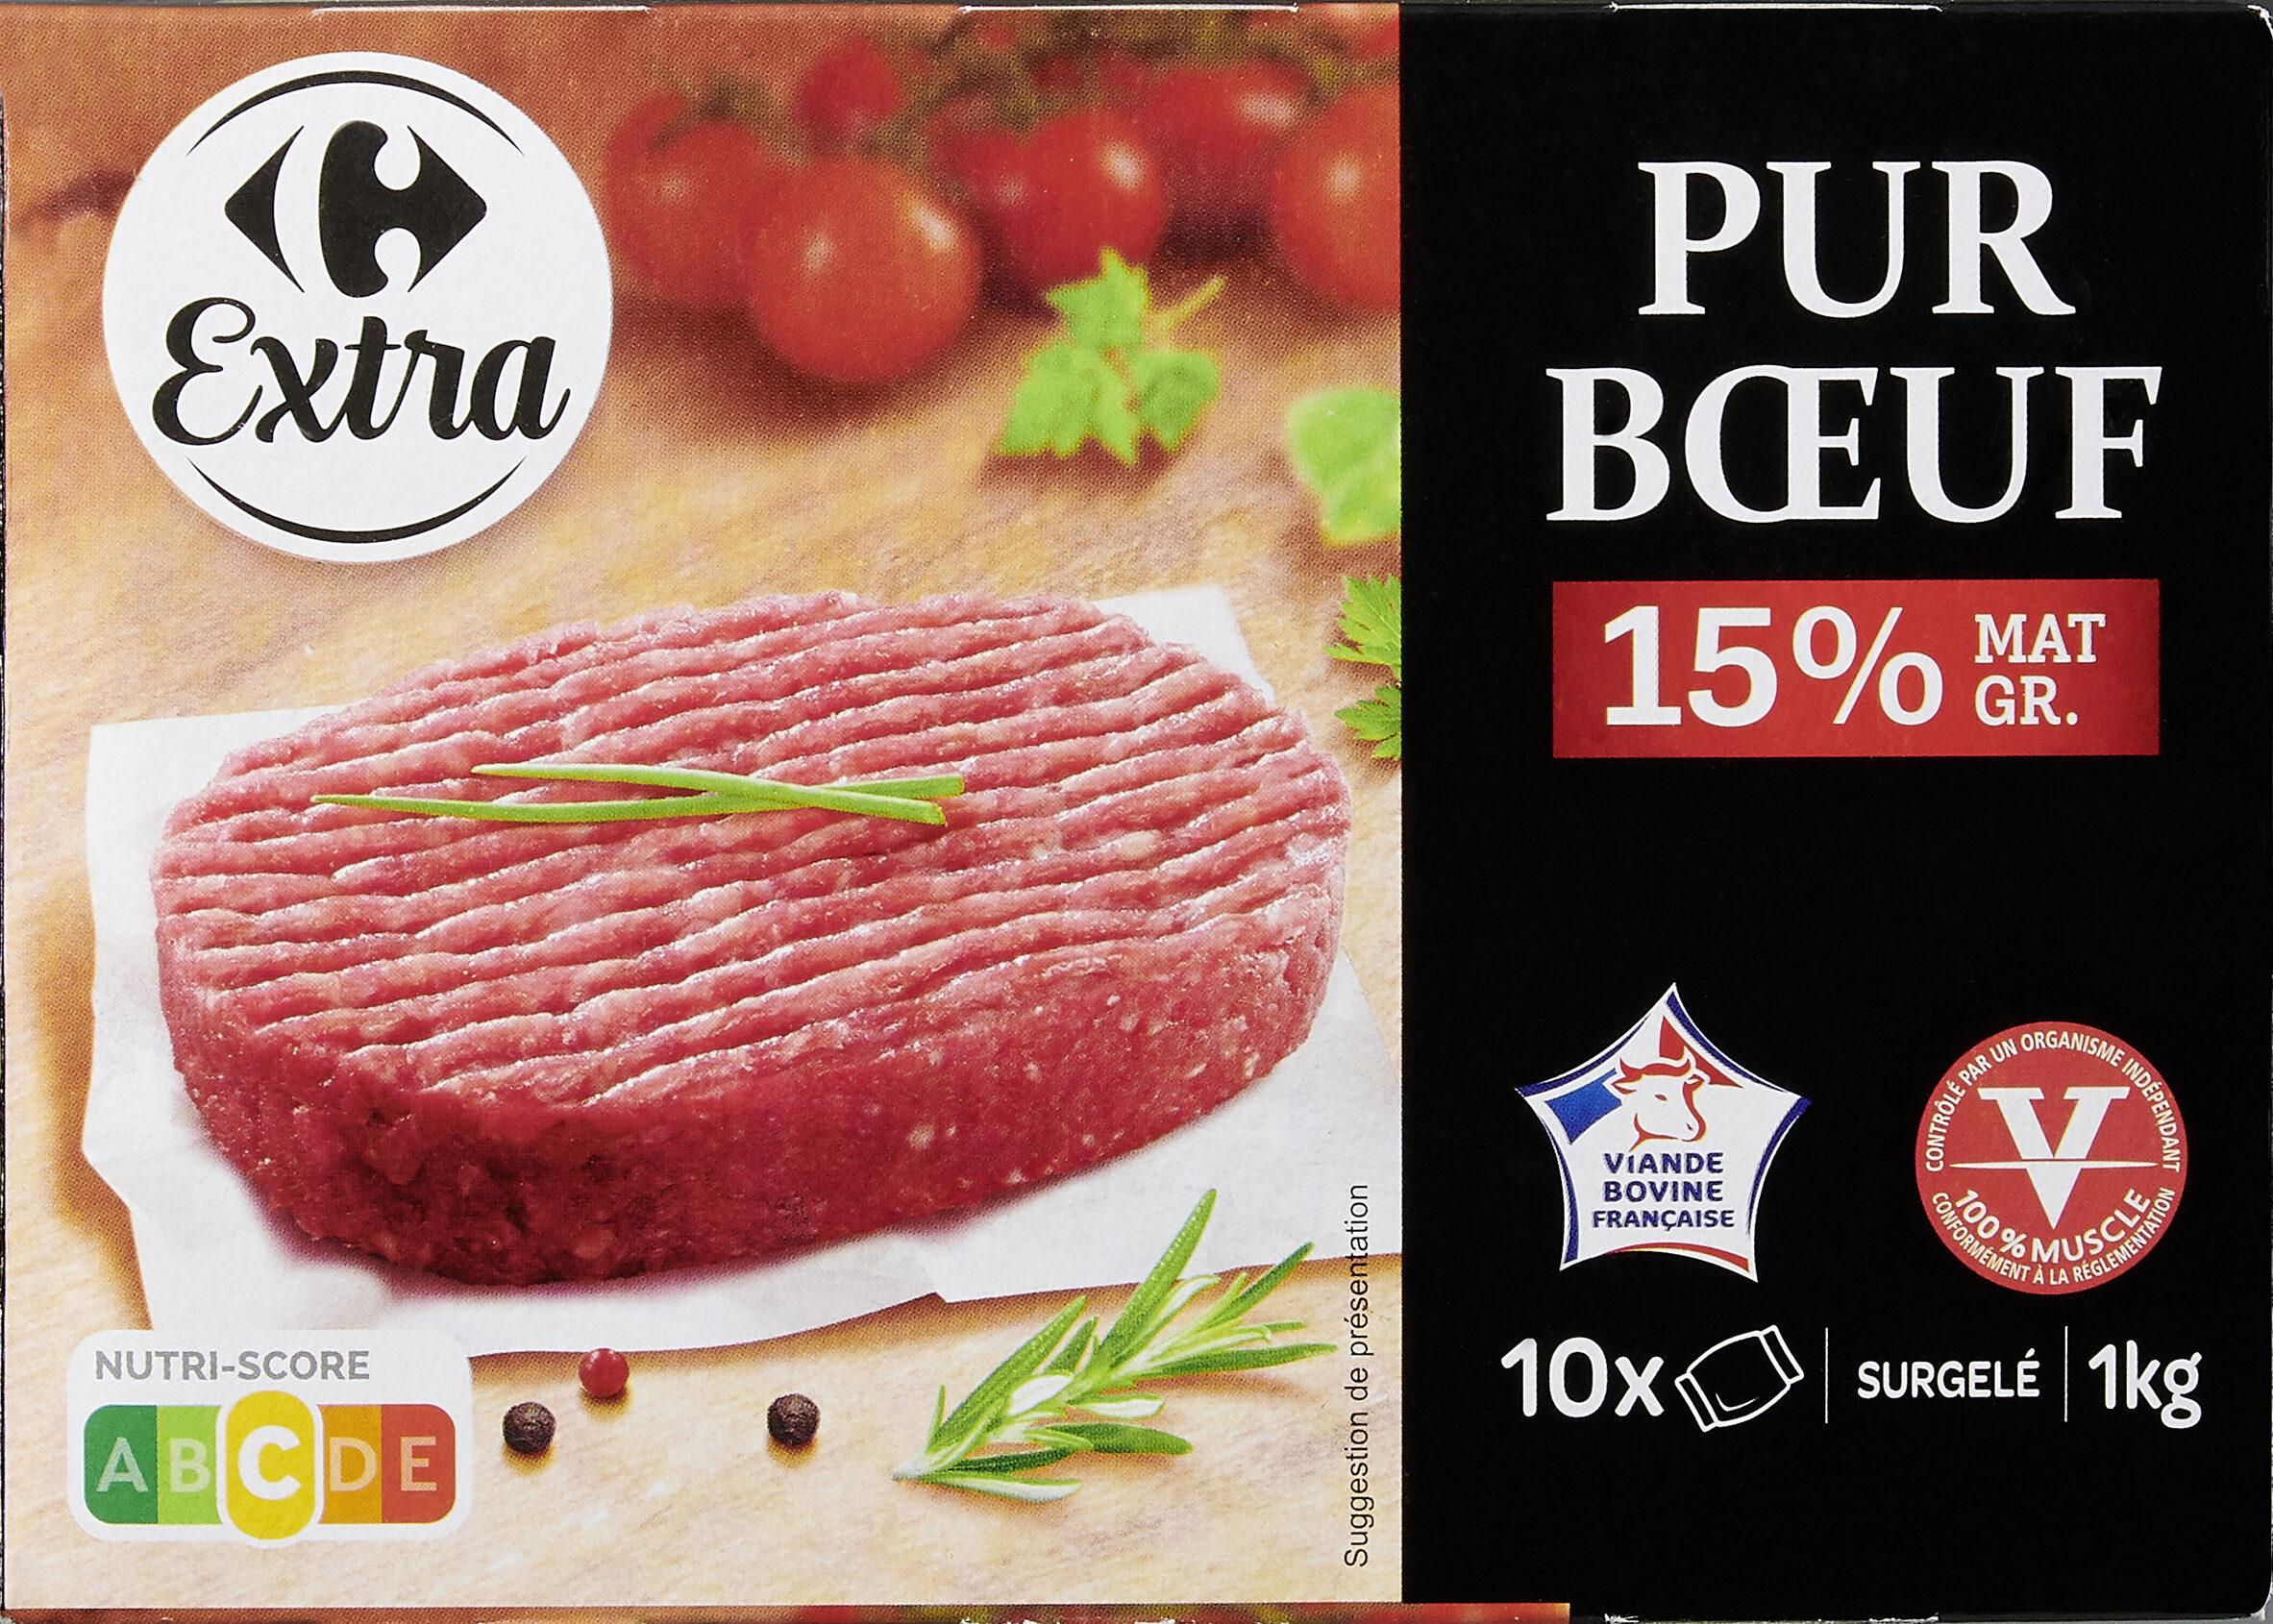 Le Pur Boeuf 10 Steaks hachés - Product - fr